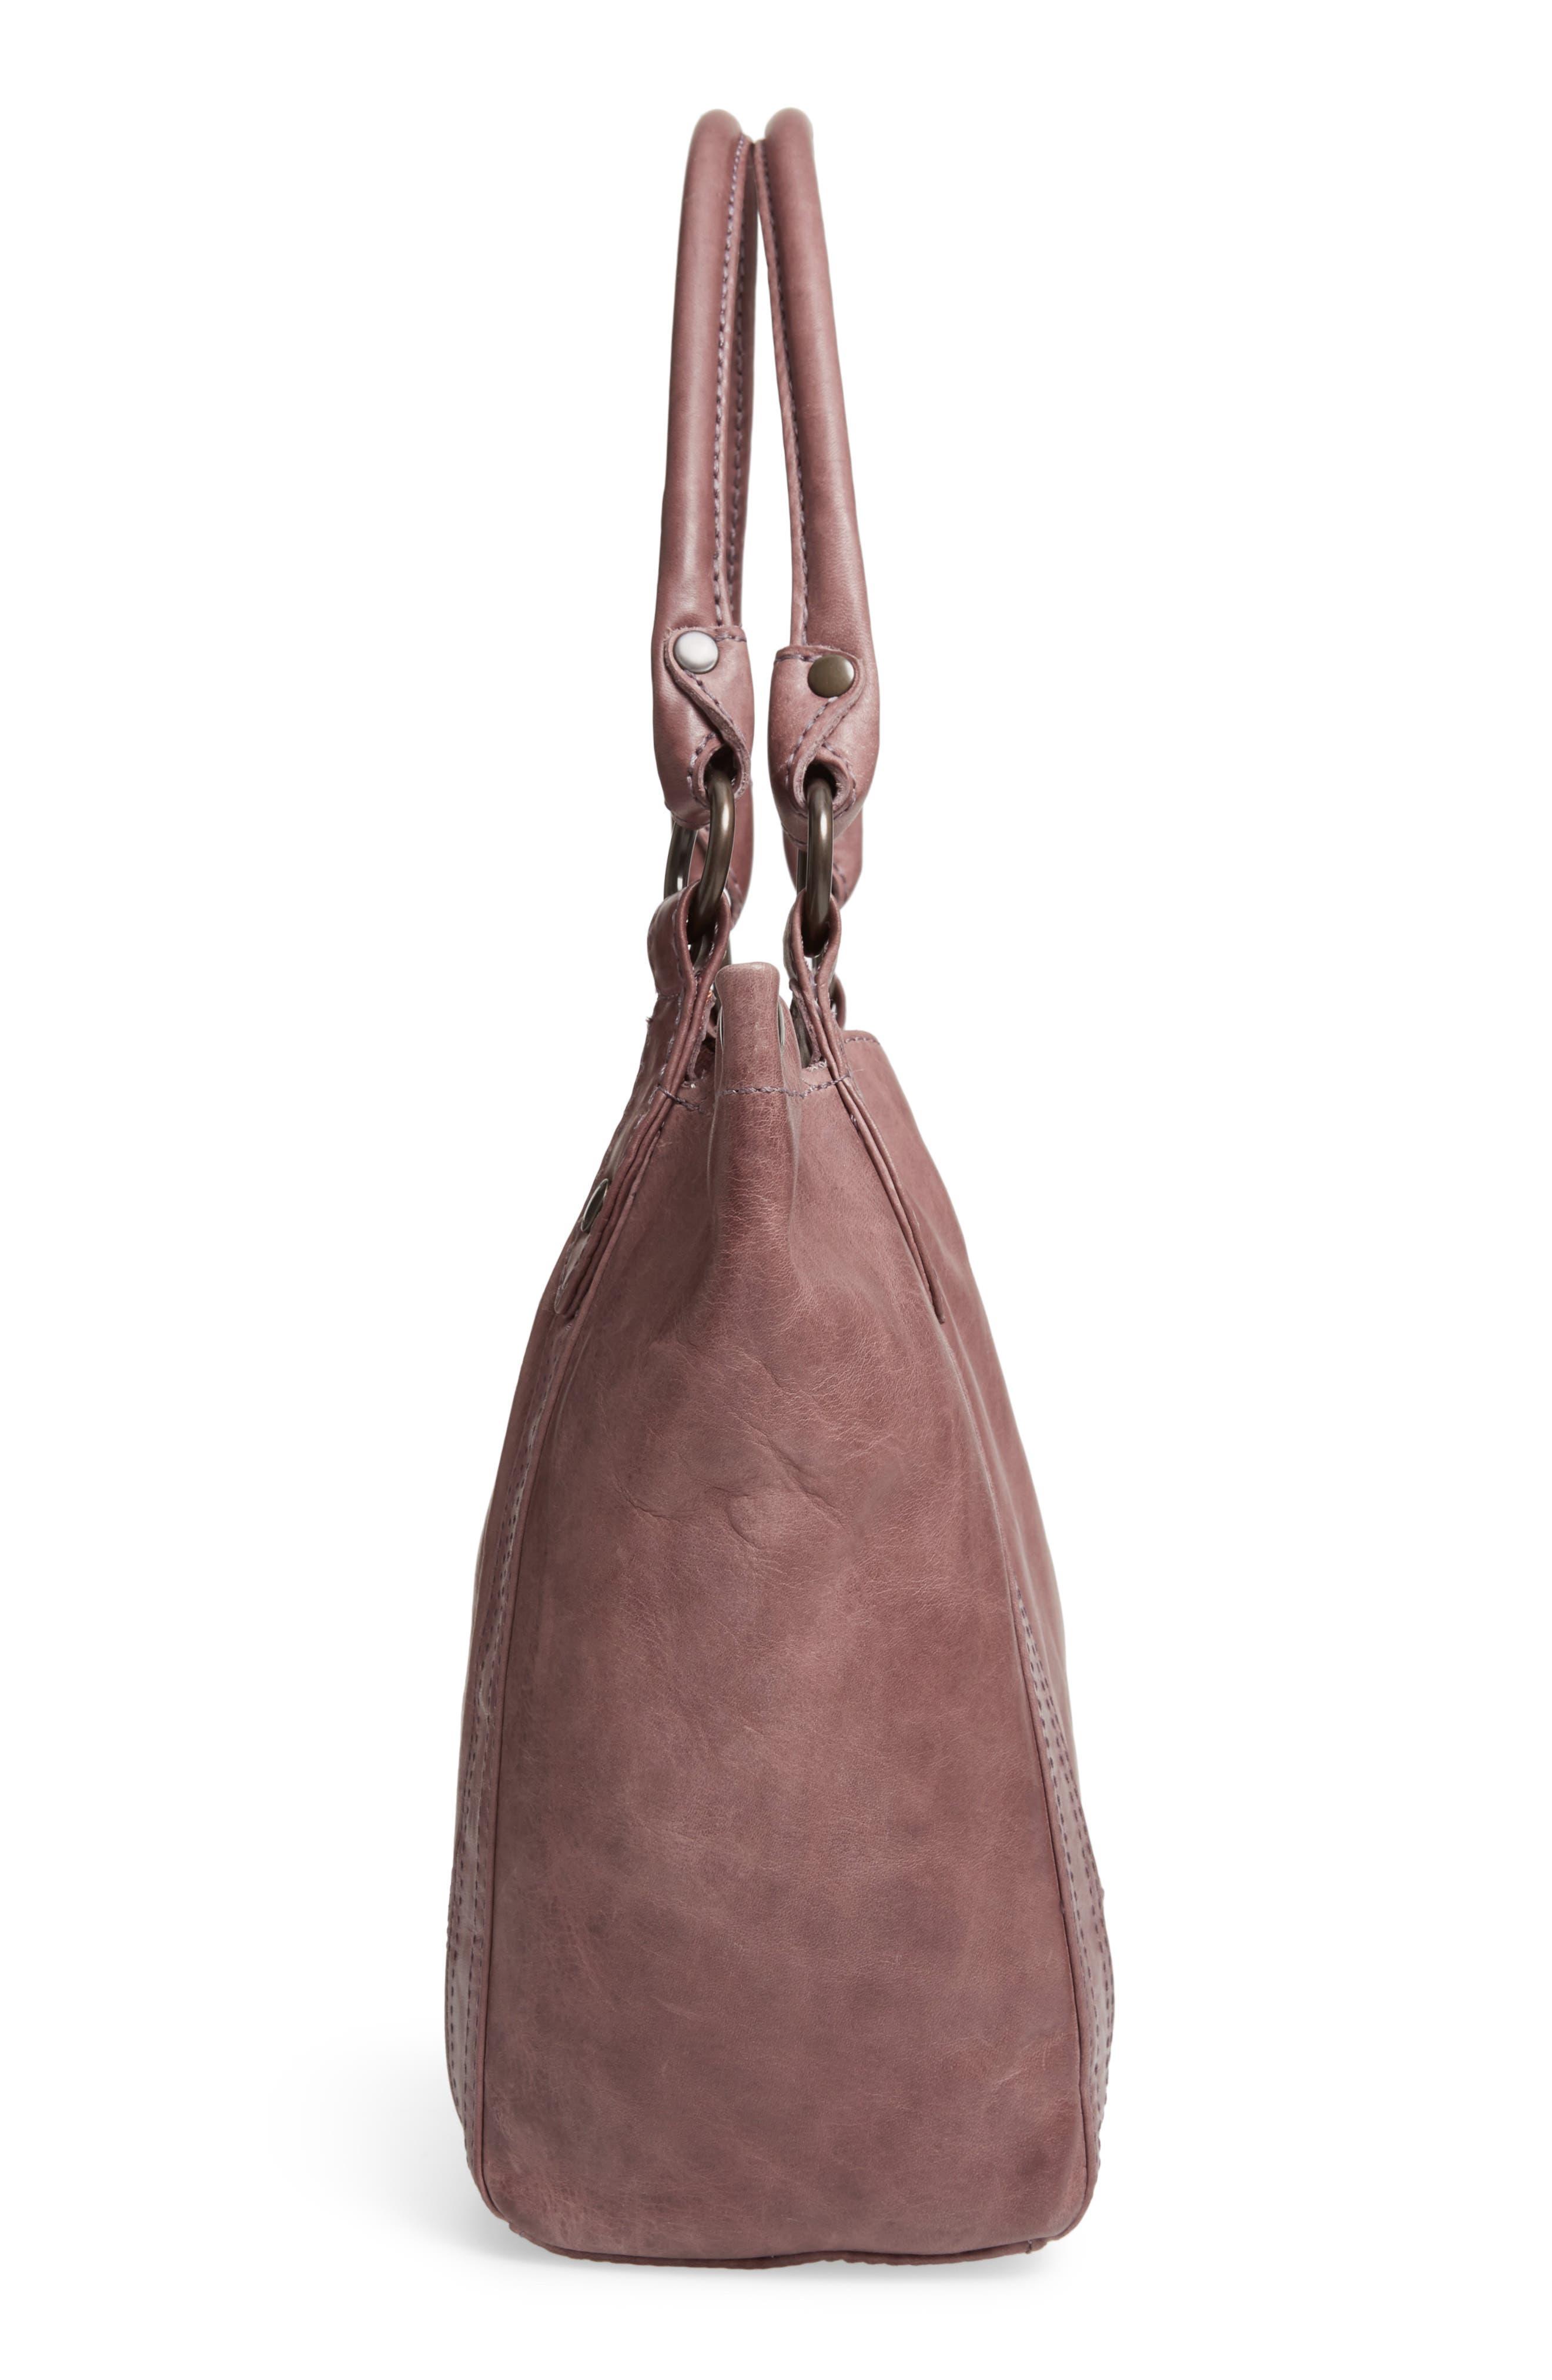 FRYE, Melissa Leather Shoulder Bag, Alternate thumbnail 6, color, LILAC